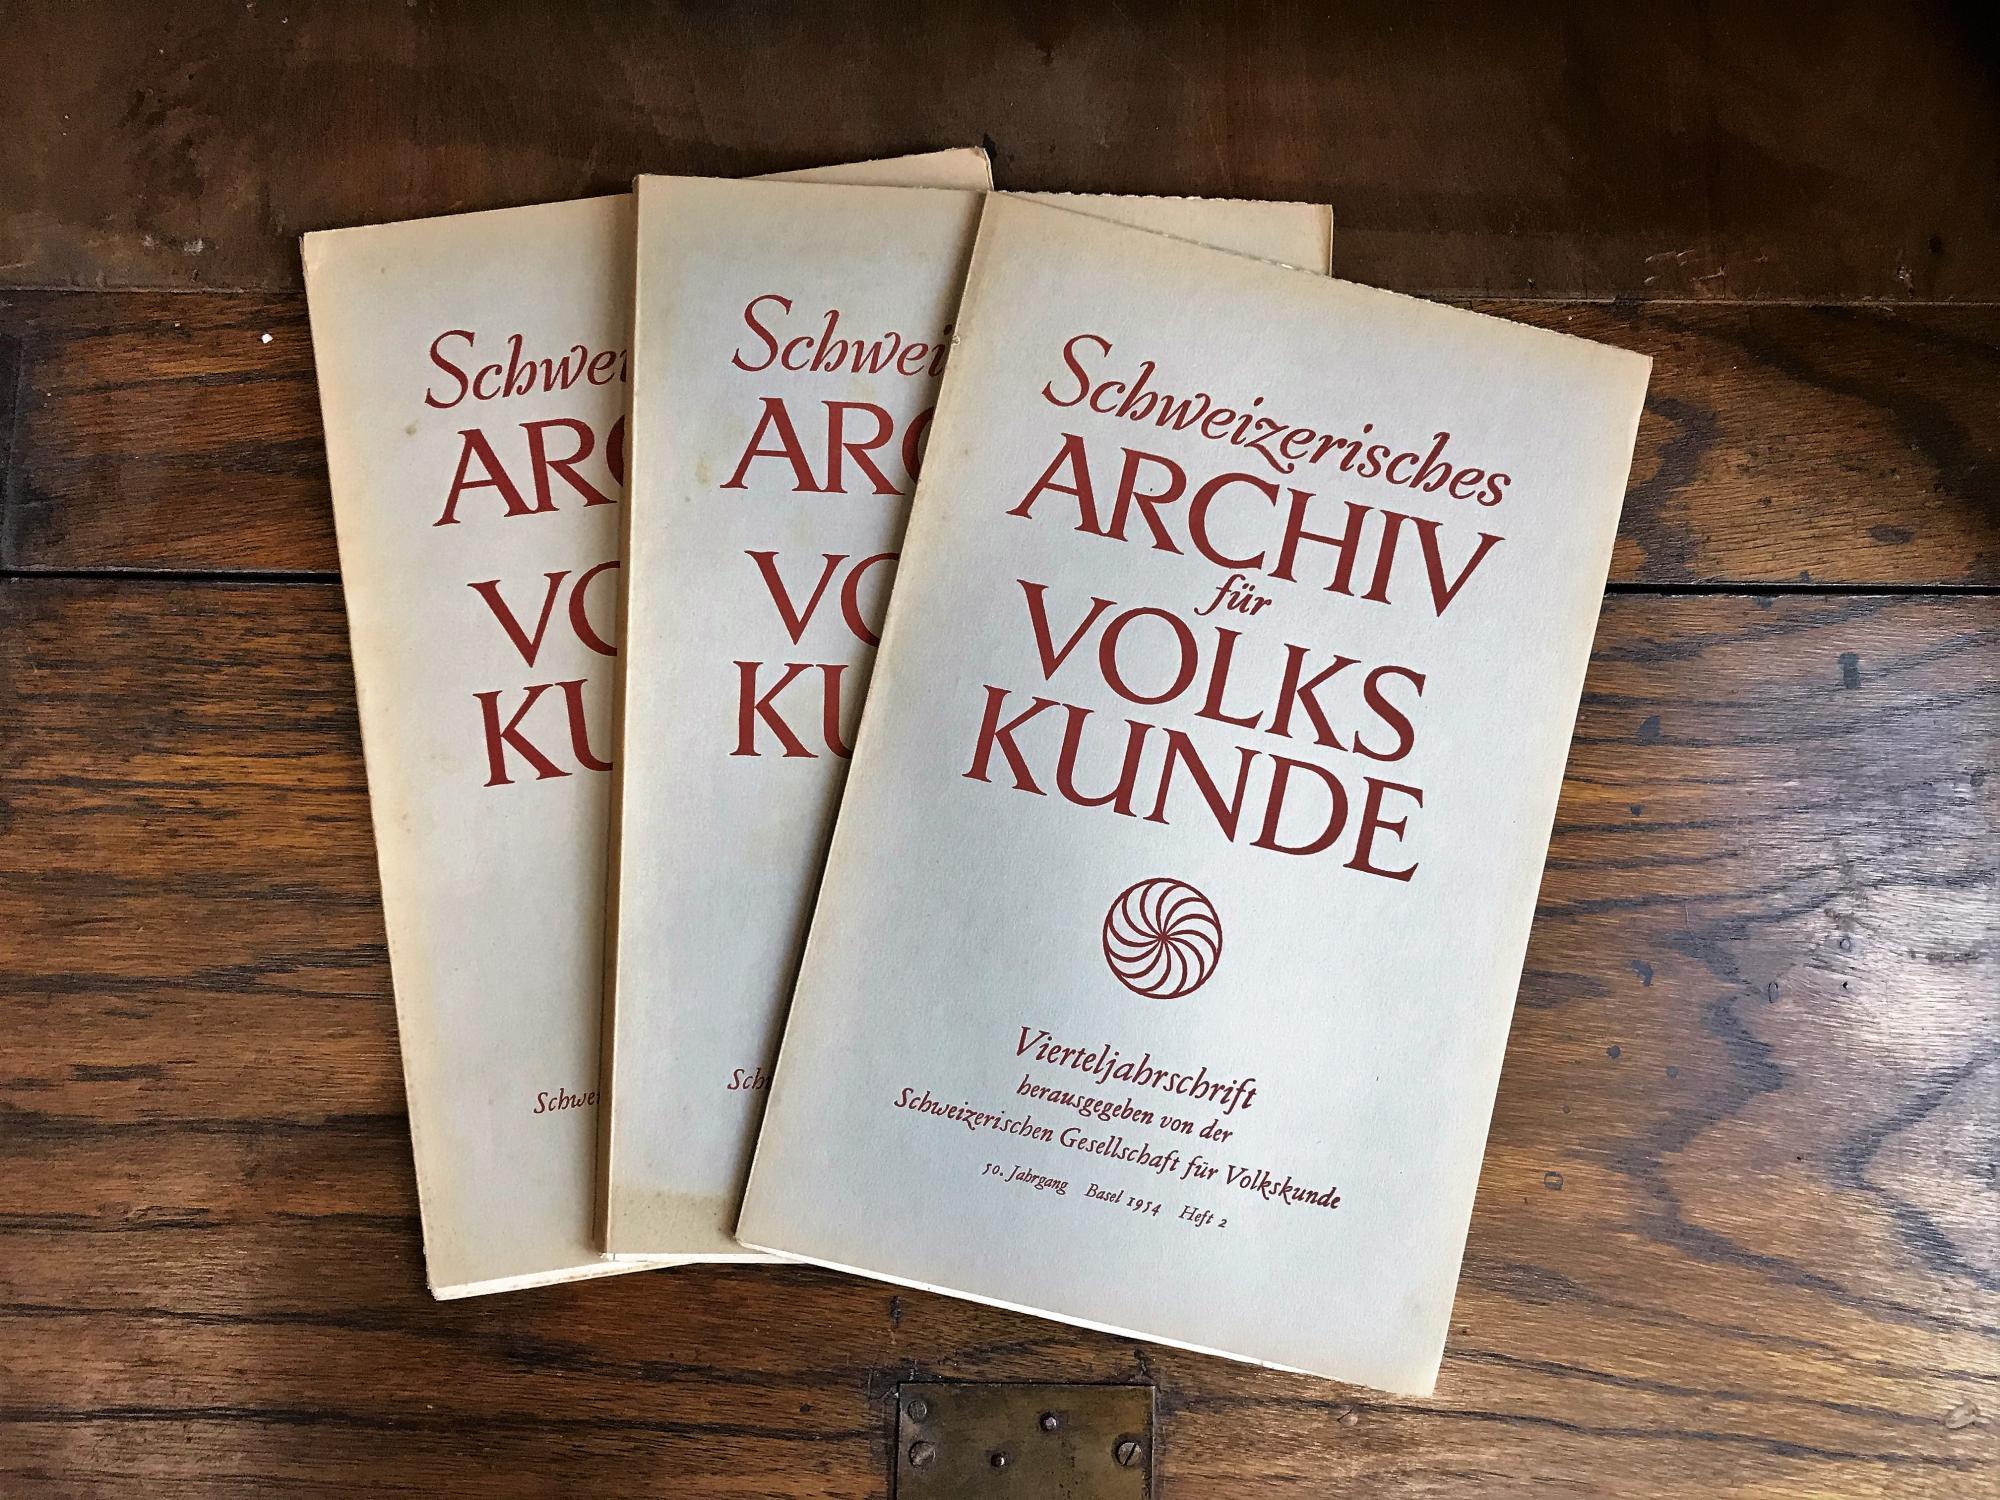 Schweizerisches Archiv für Volkskunde. Vierteljahresschrift. 50. Jahrgang: Wildhaber Robert,